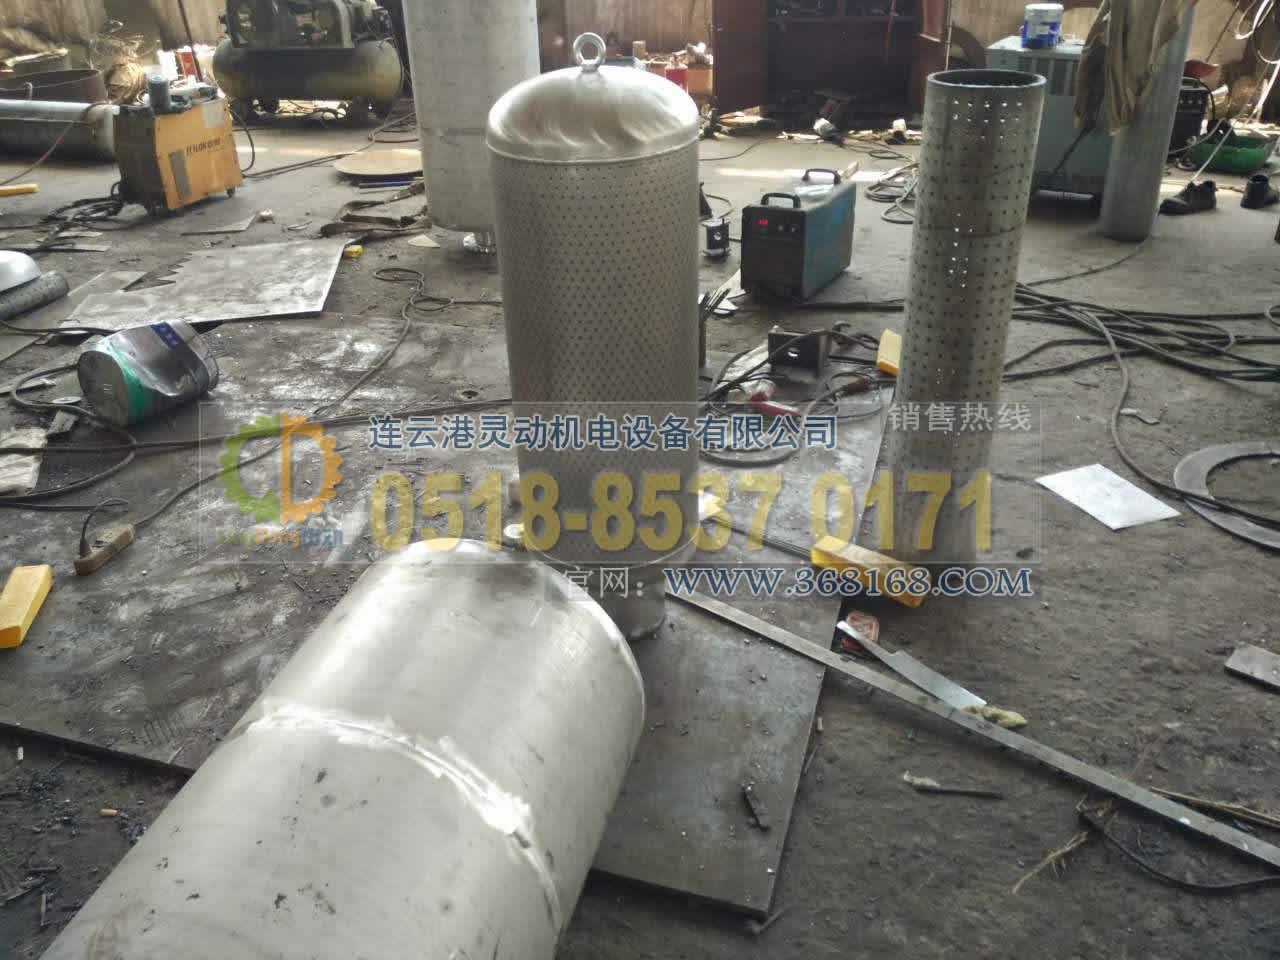 安-阀消声器生产厂家